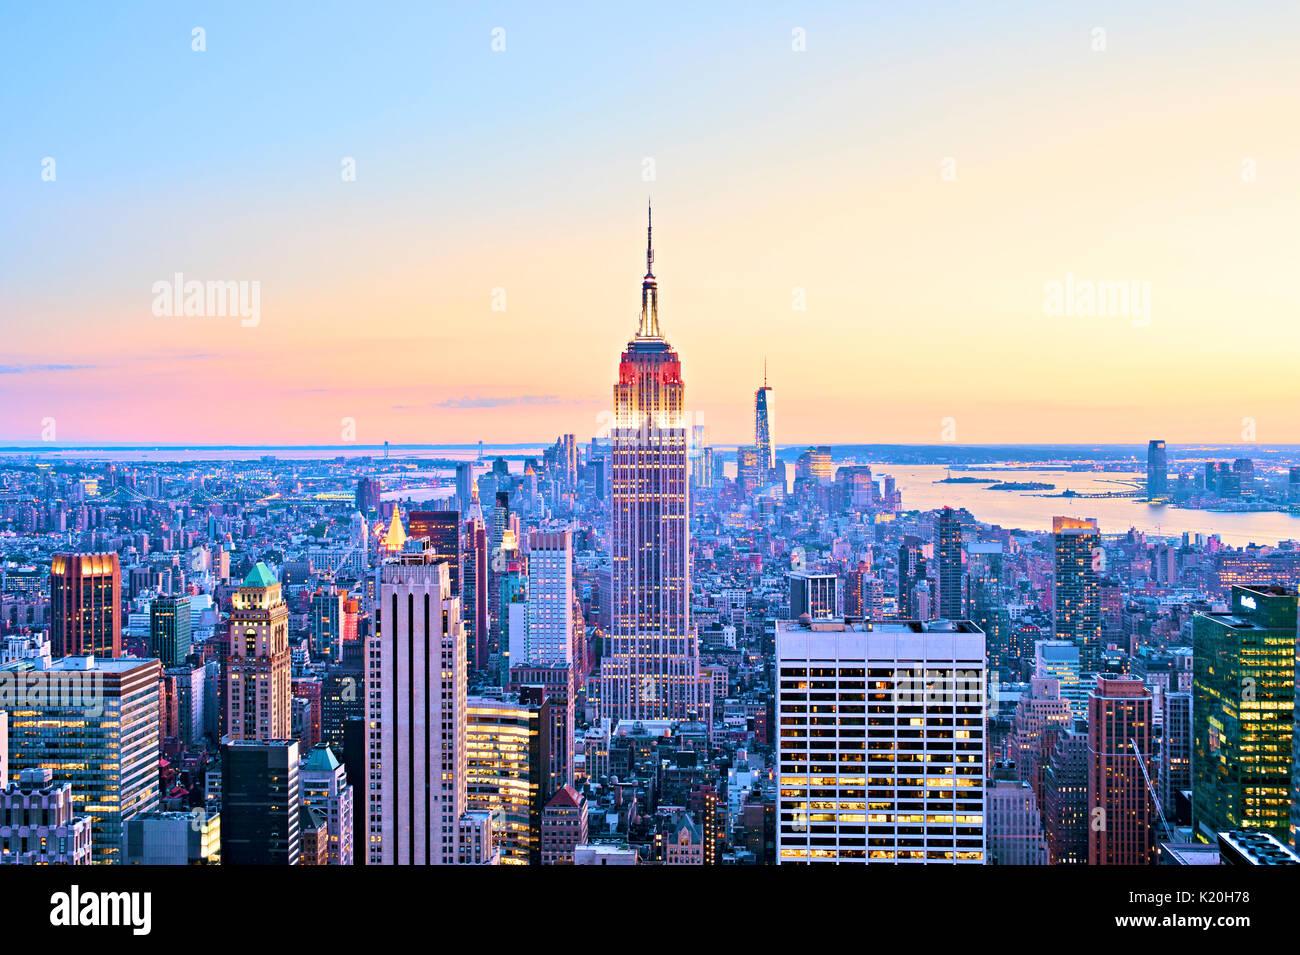 La Ciudad de Nueva York la parte superior de la antena Rock Empire State Building. Imagen De Stock